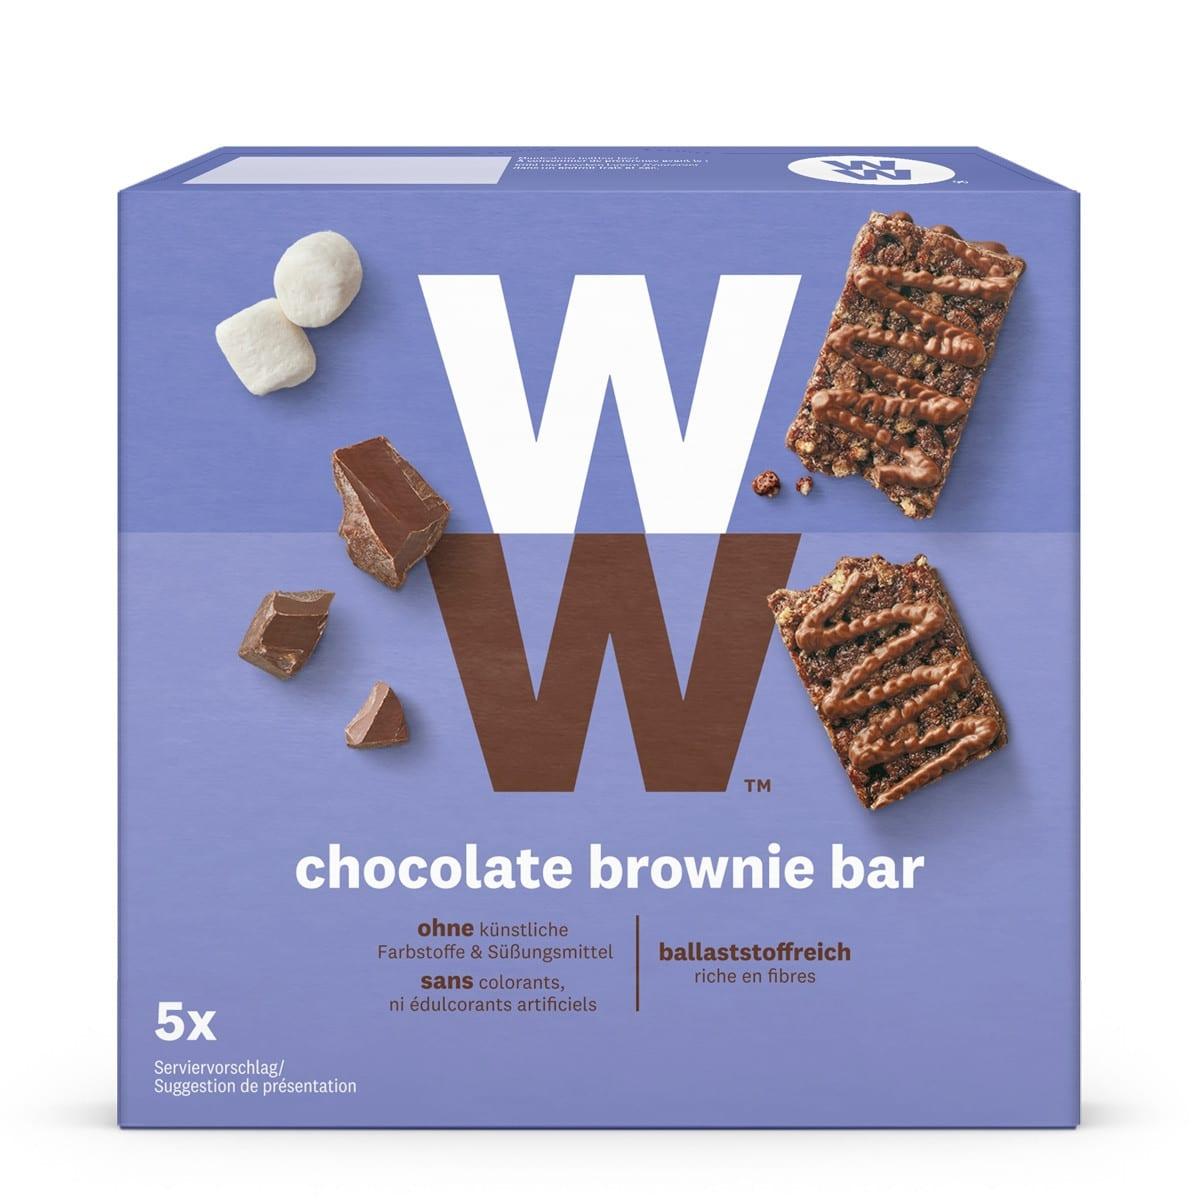 Een verpakking met 5 Chocolate Brownie Bars van WW met chocolade, stukjes marshmallow en karamel